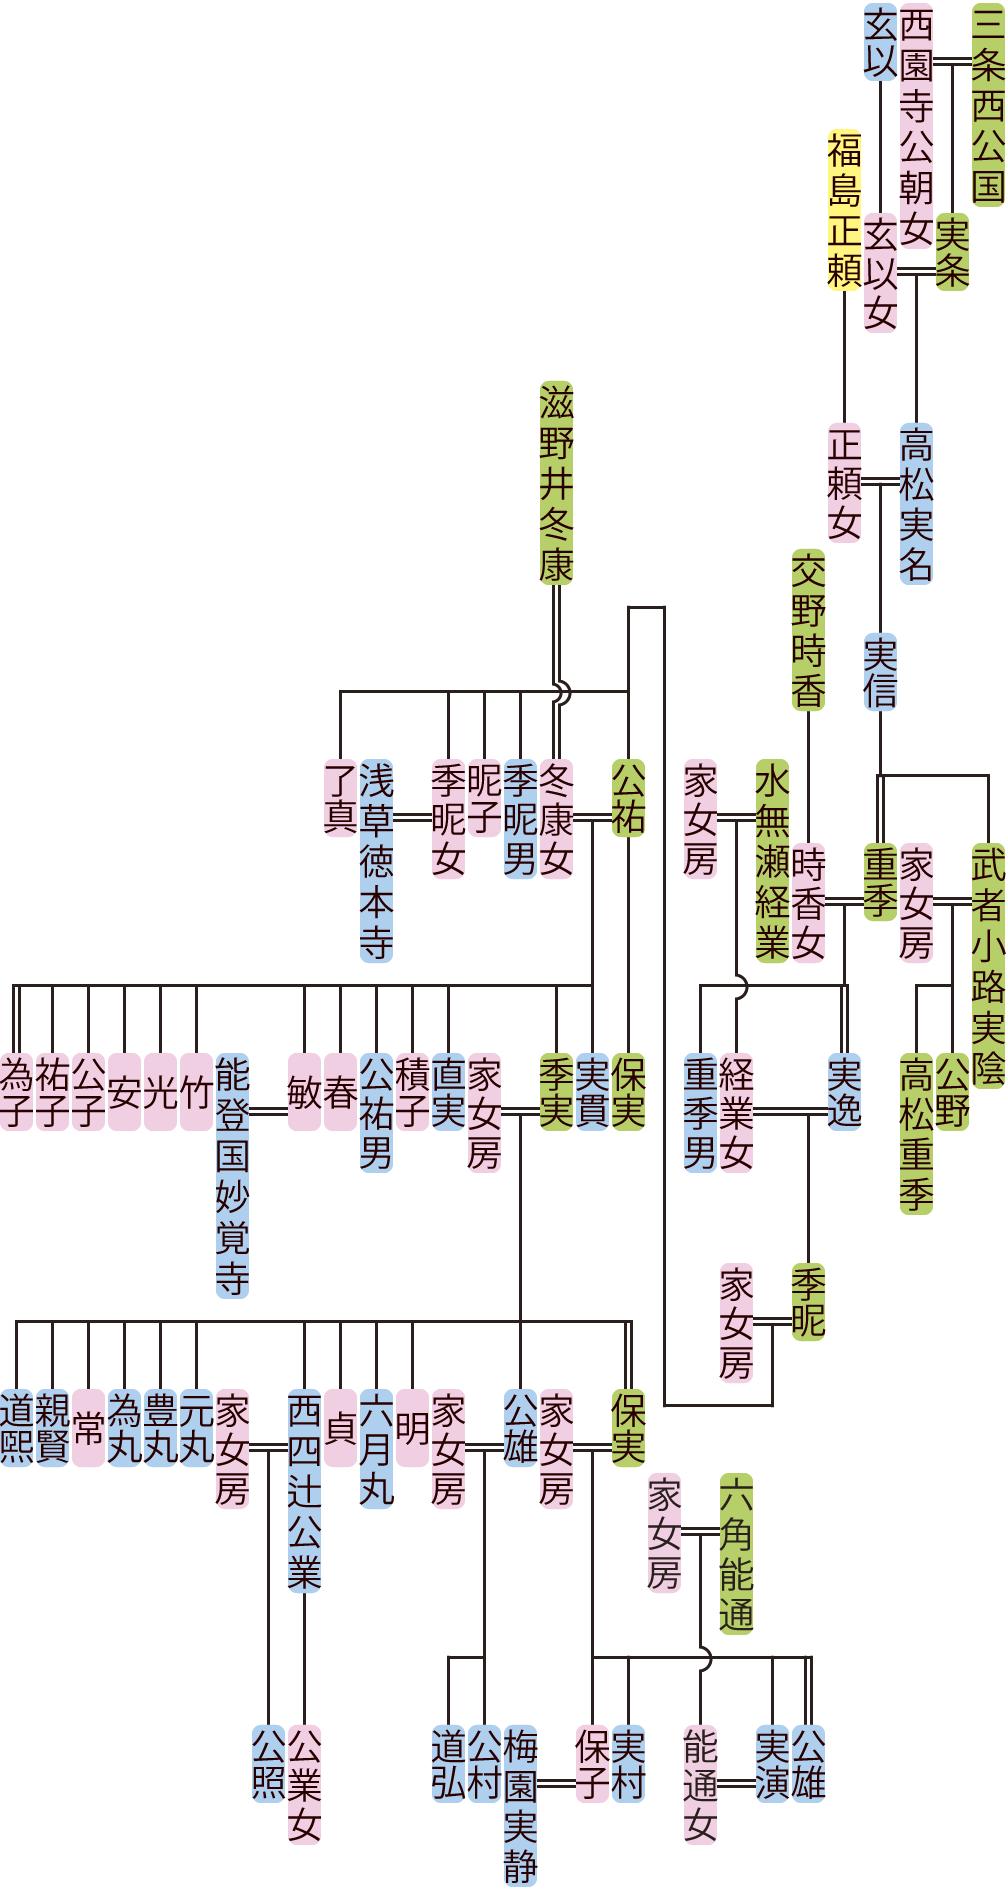 高松実名~公雄の系図